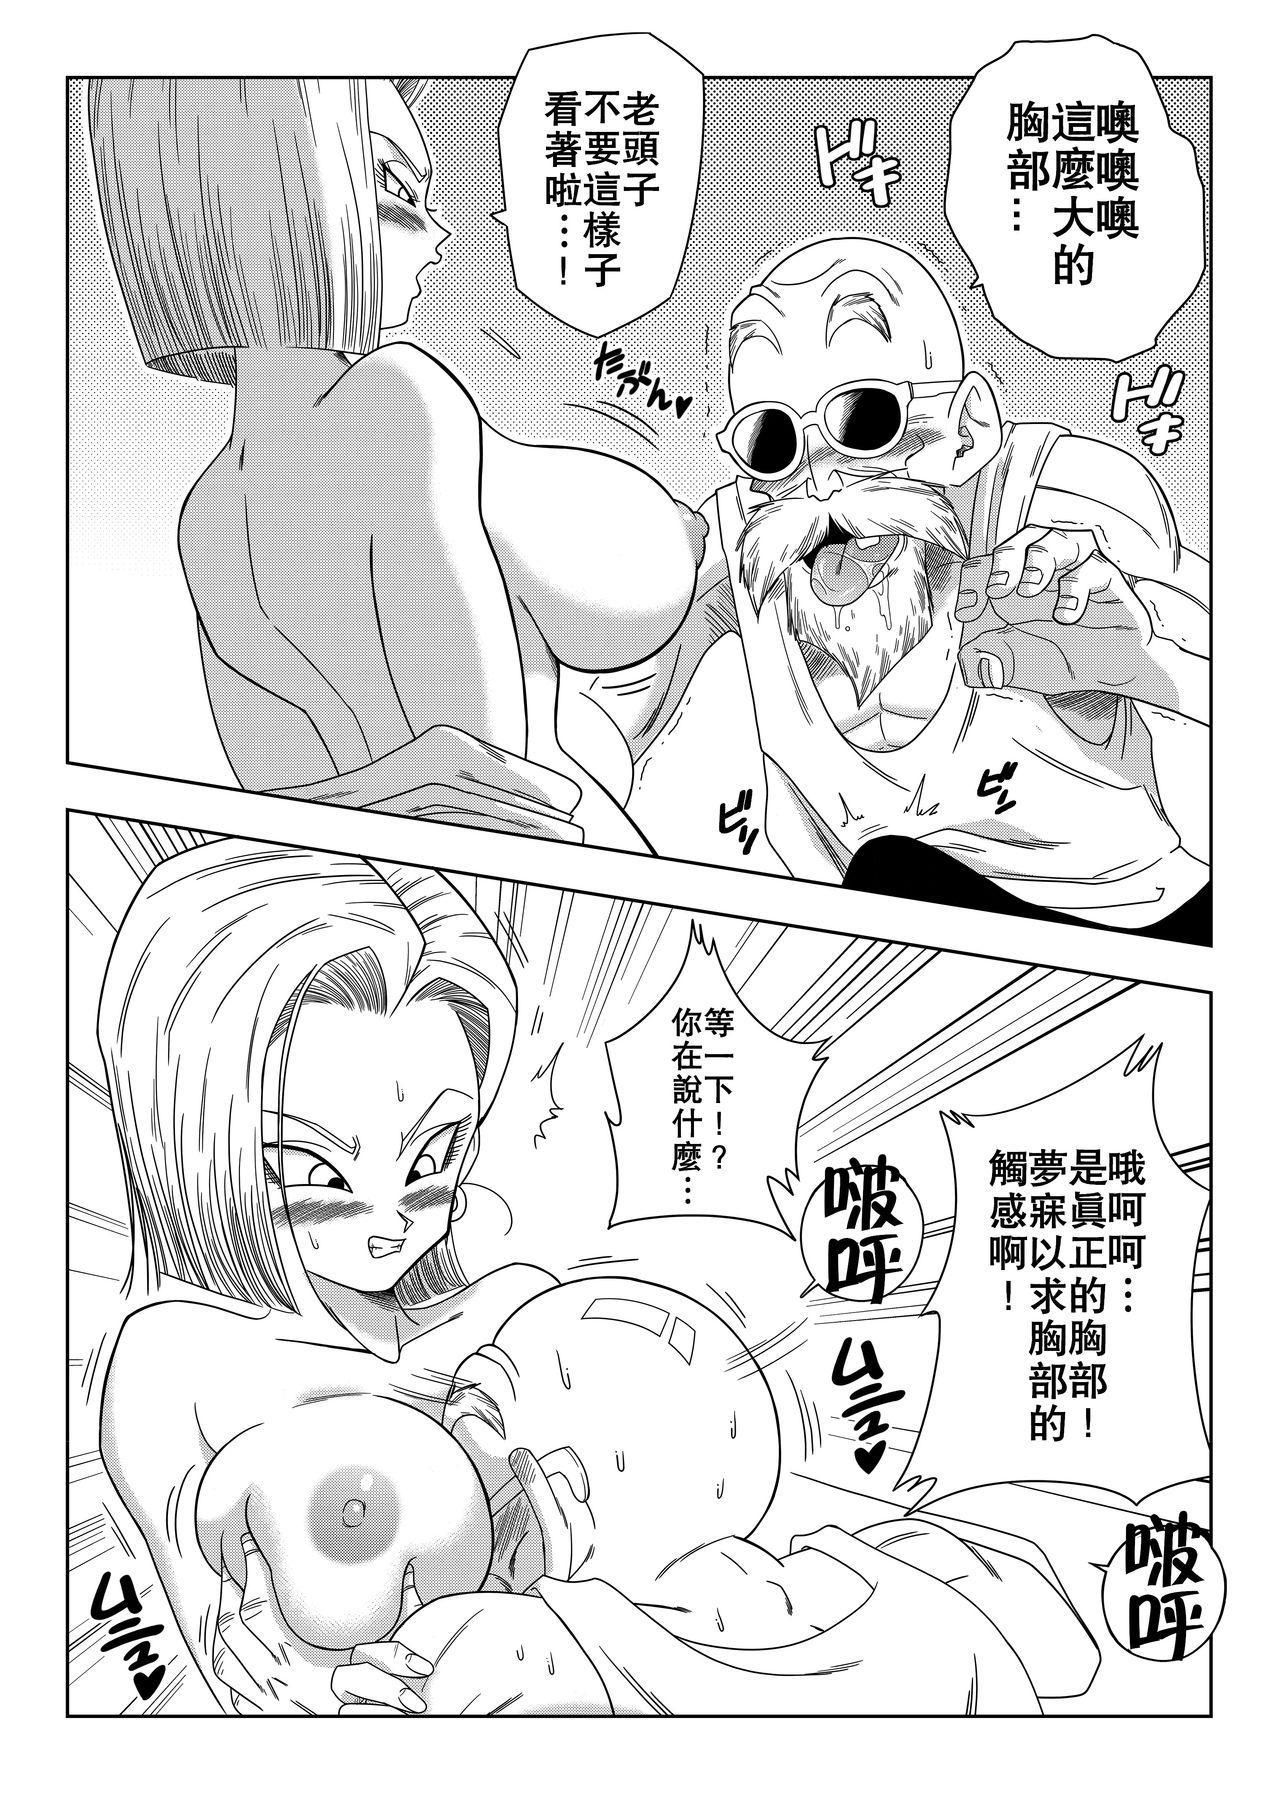 18-gou vs Kame Sennin 6